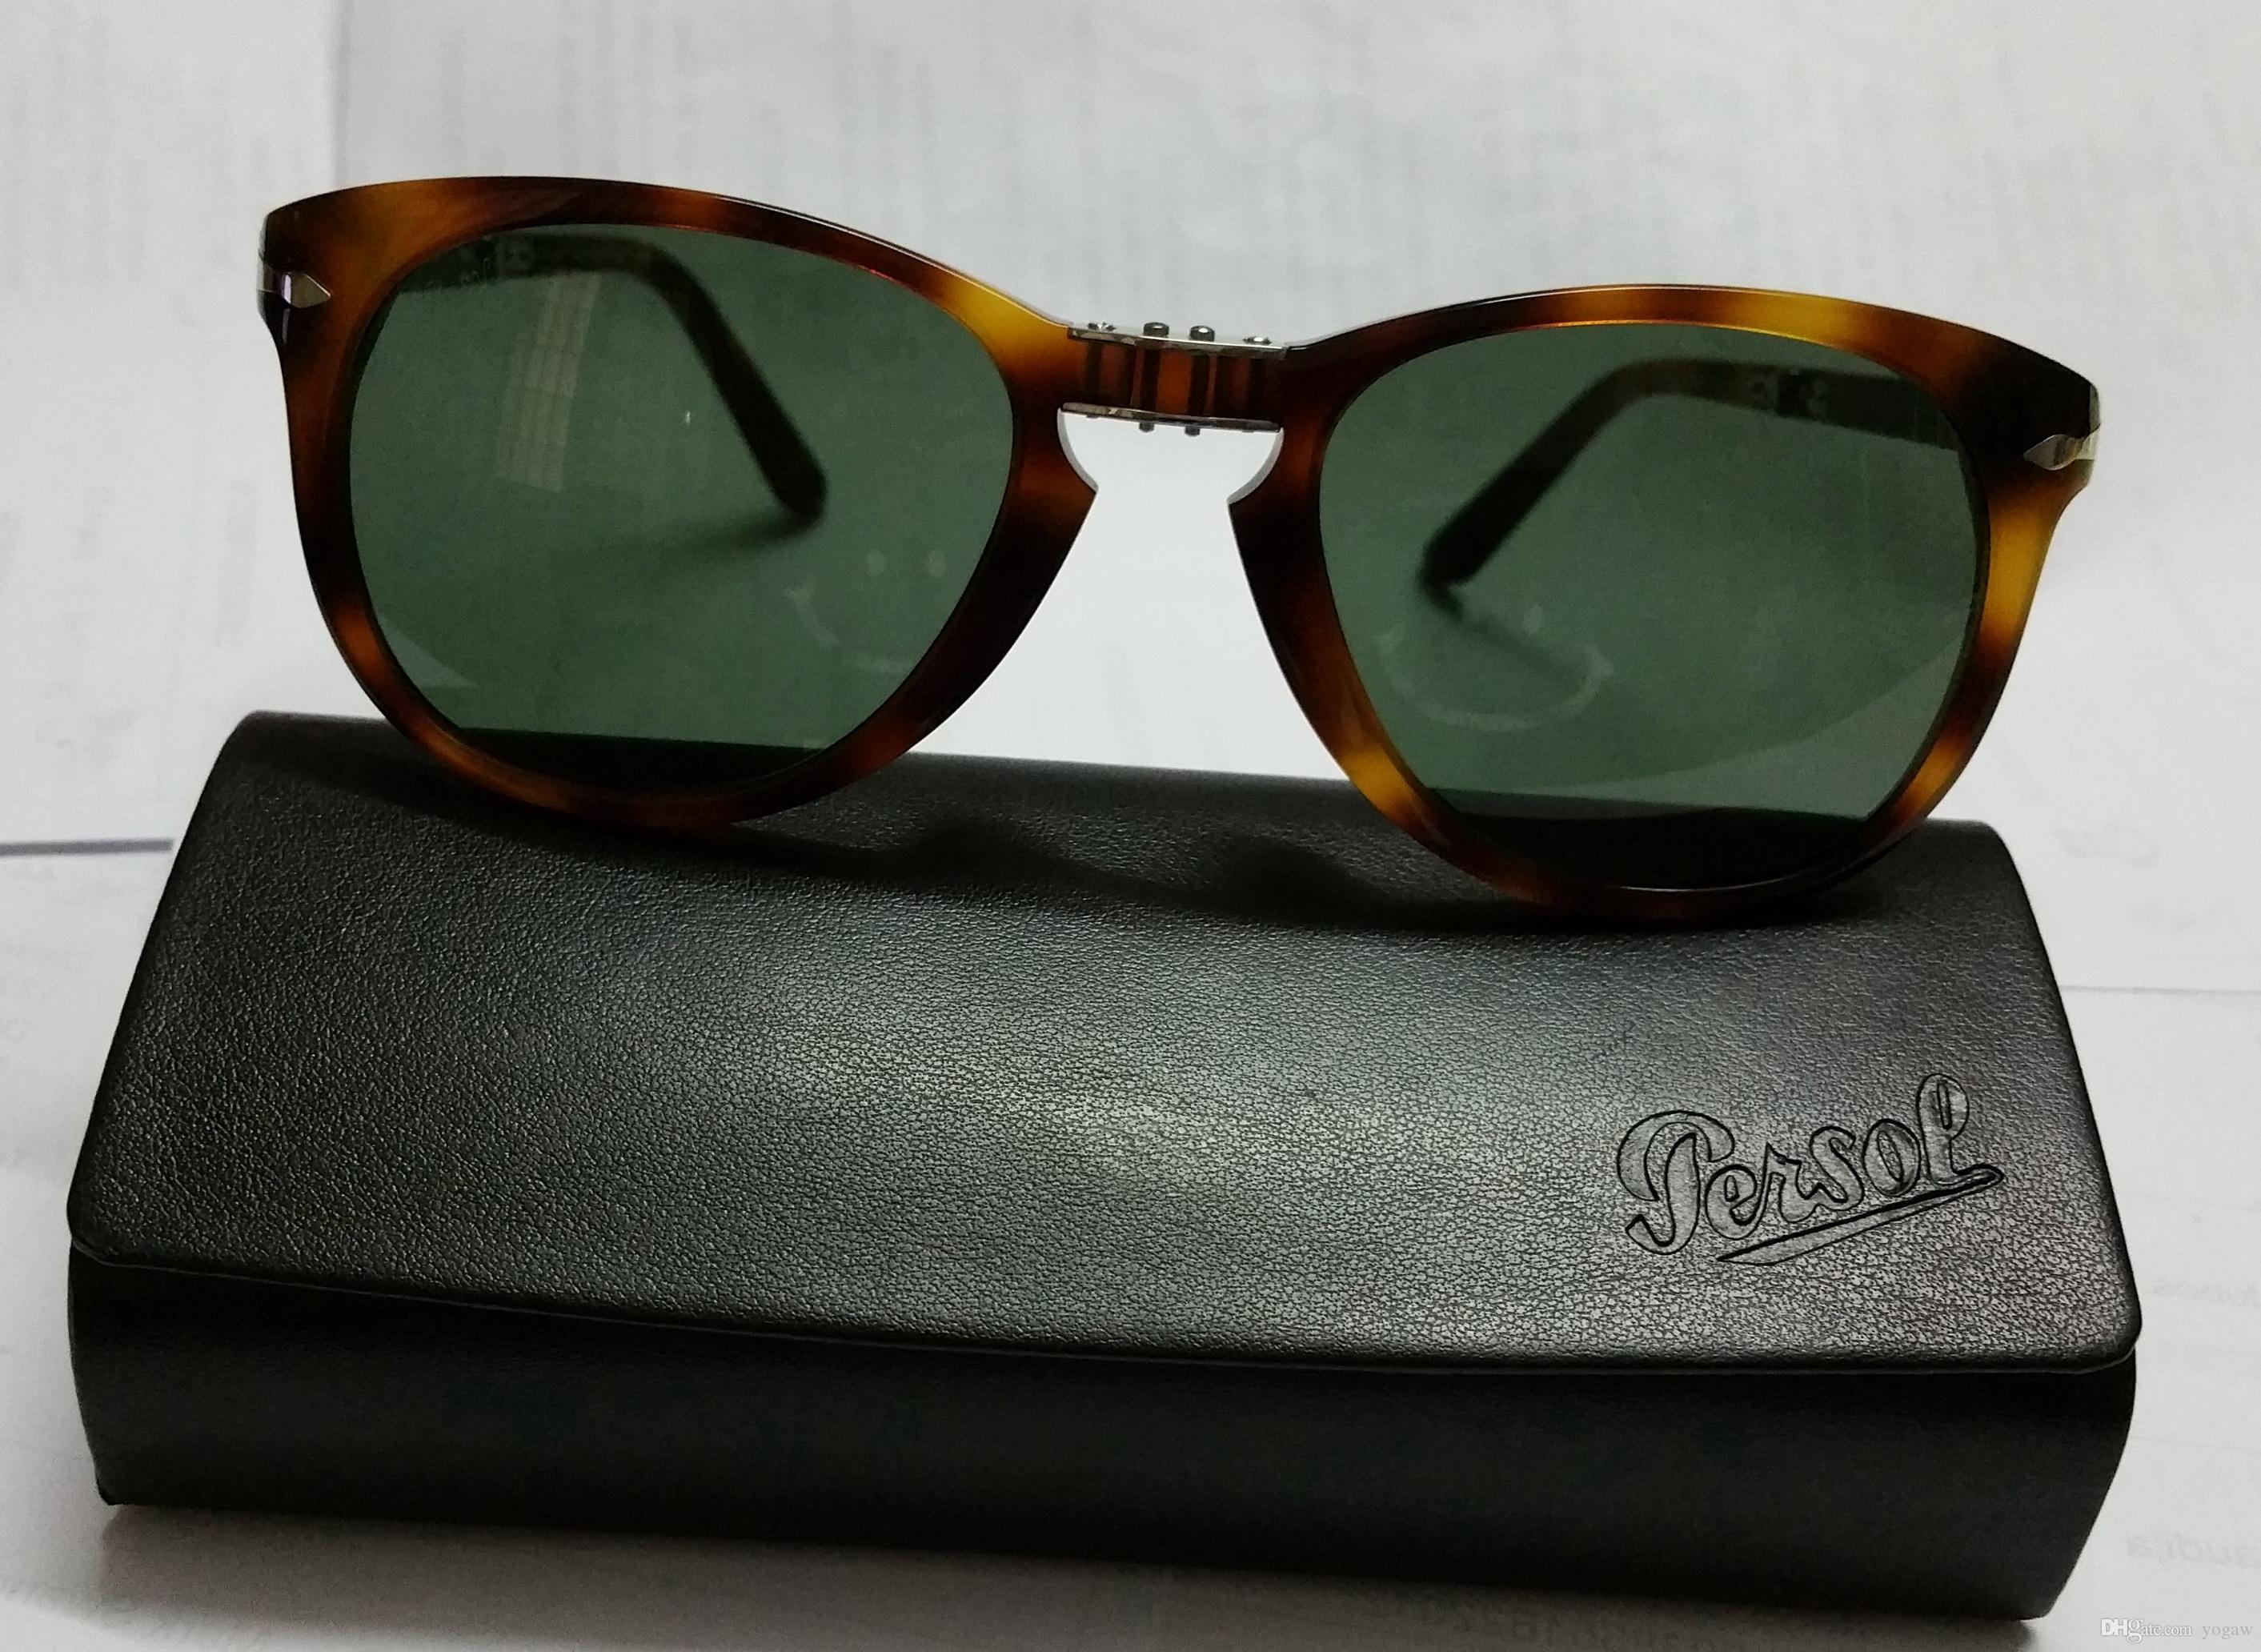 Compre Persol Gafas De Sol Po 714 24/31 Plegable La Habana Marrón ...